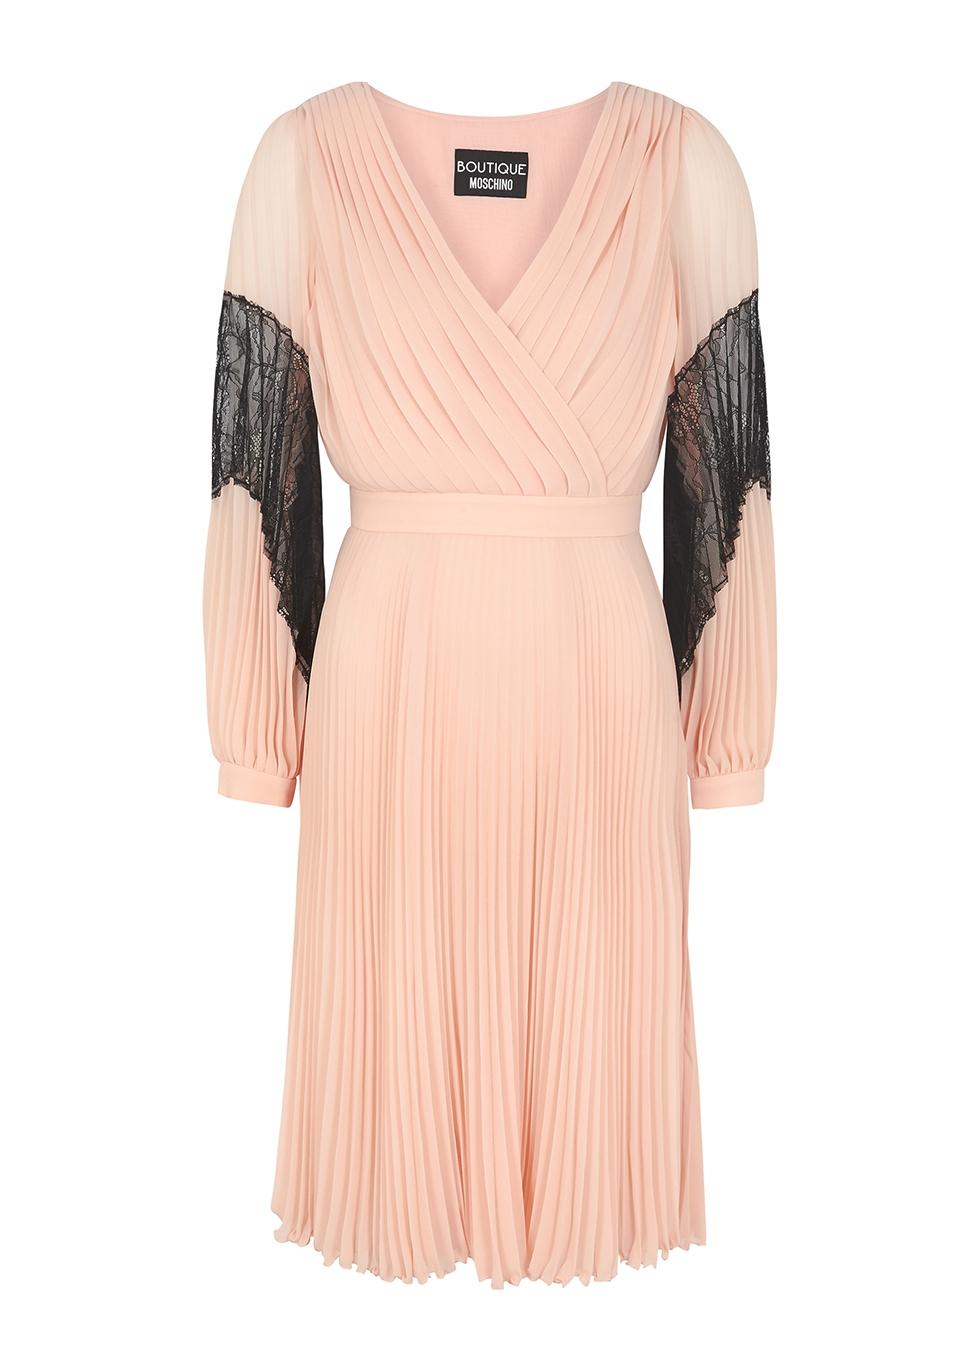 7e7a20d9 Designer Knee-Length Dresses - Harvey Nichols